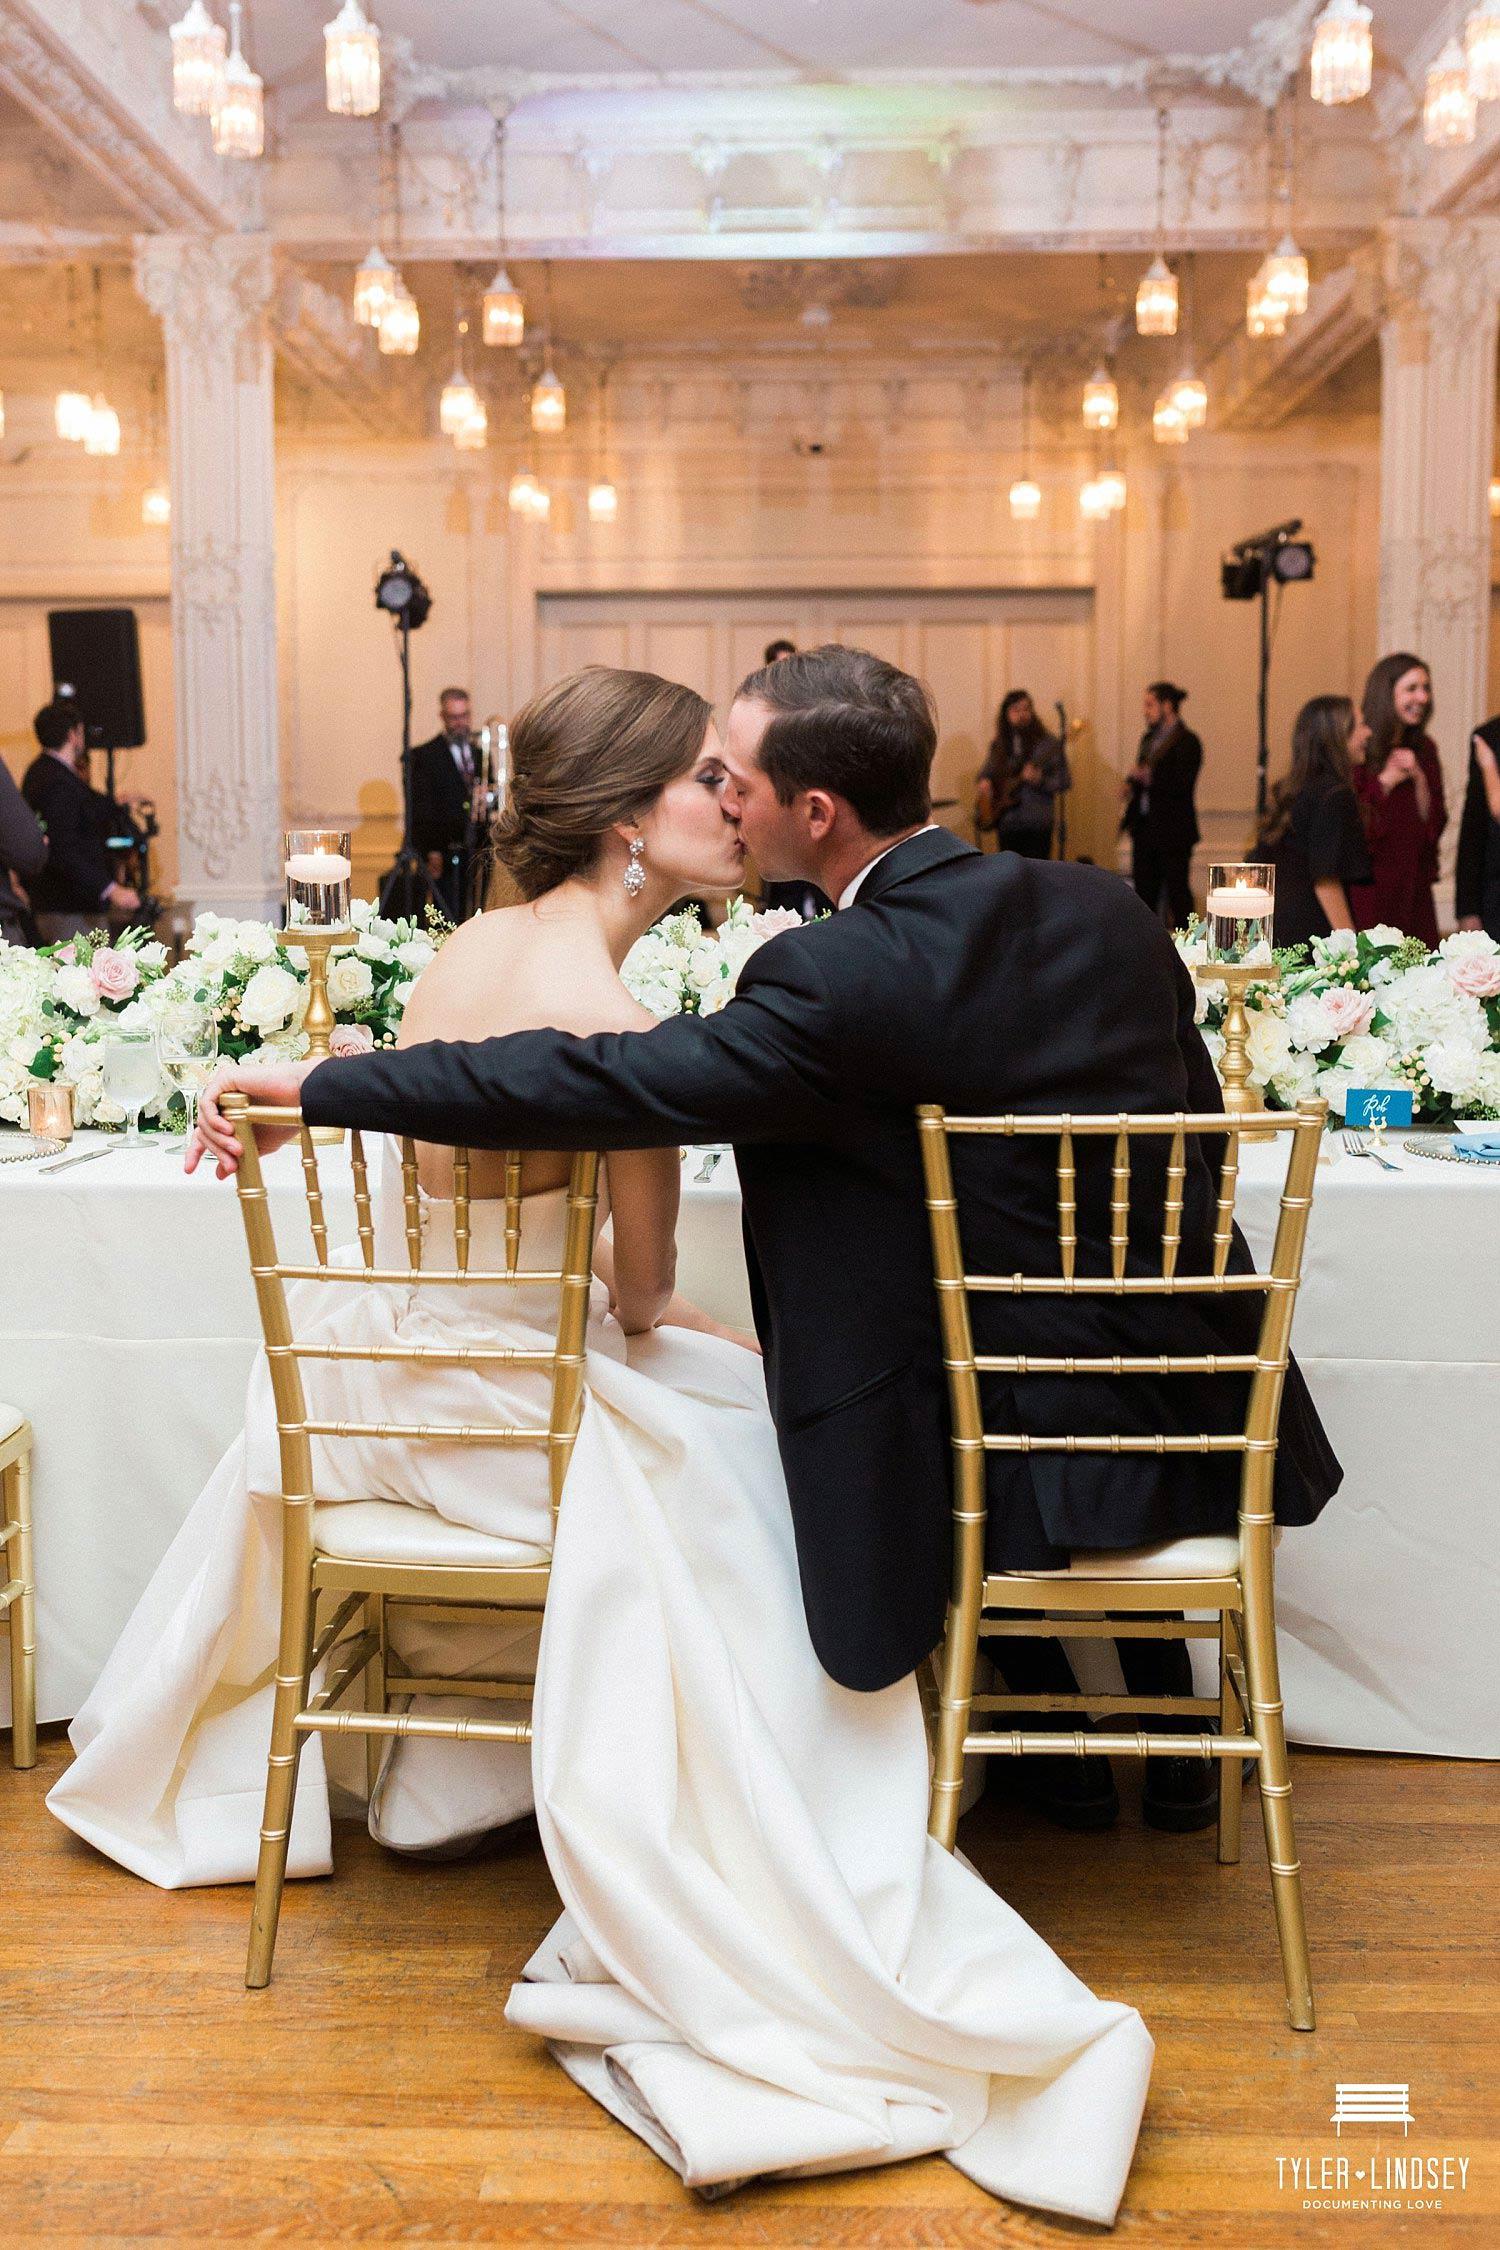 Dallas_Scottish_Rite_Wedding0055.jpg